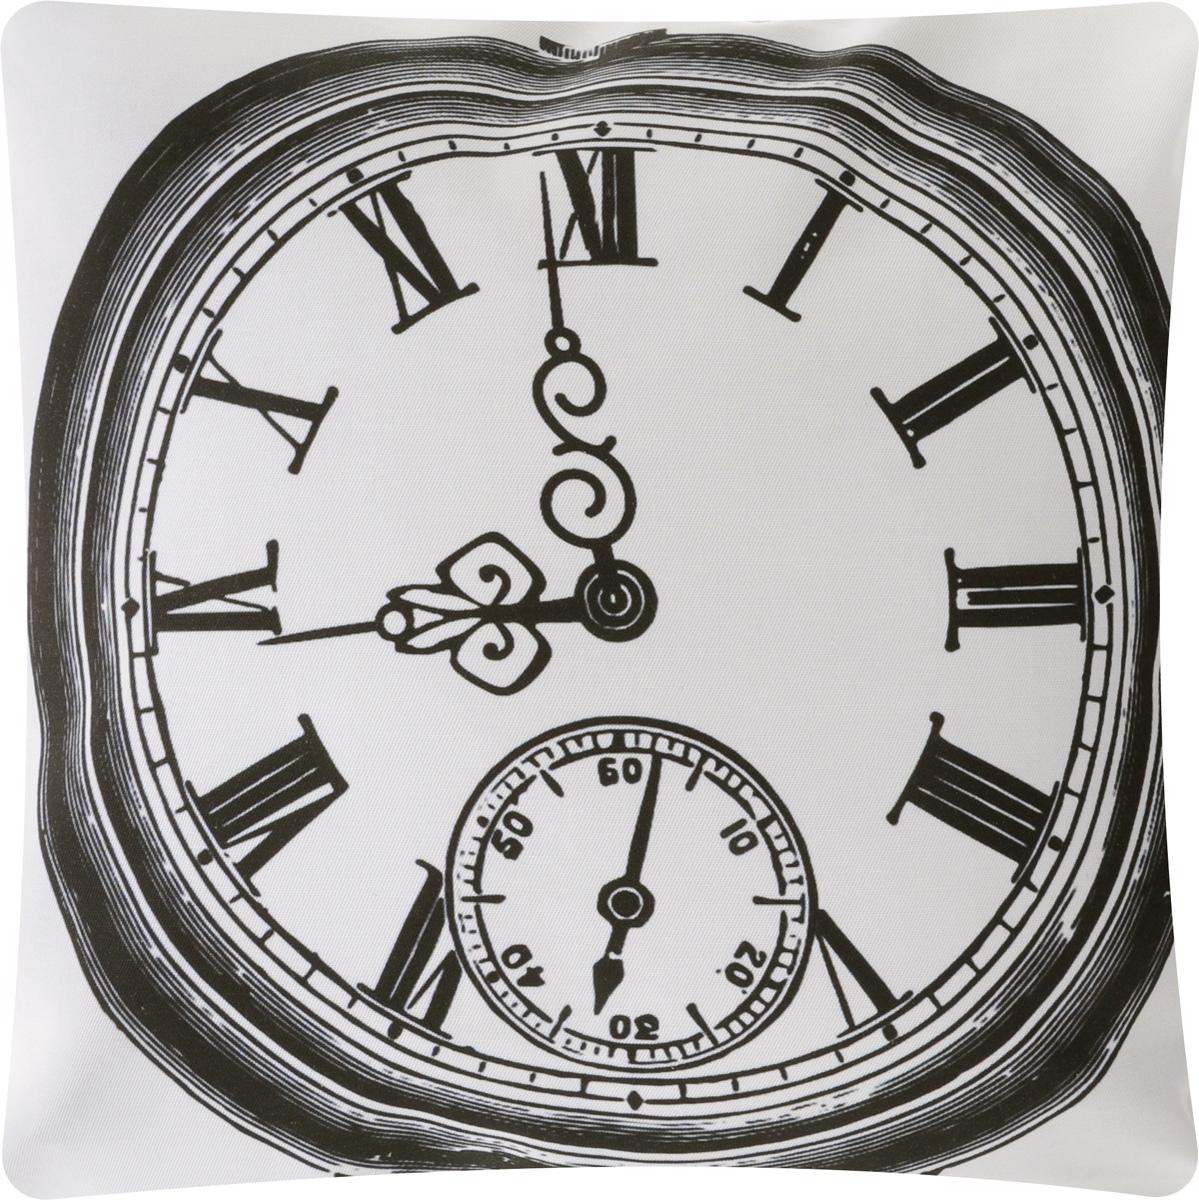 Подушка декоративная Proffi Старинные часы, цвет: белый, черный, 43 х 43 смPH5956_белыйДекоративная подушка Proffi Старинные часы - это яркое украшение вашего дома. Чехол выполнен из приятного на ощупь полиэстера и застегивается на молнию. Внутри - мягкий наполнитель, изготовленный из шариков холлофайбера. Лицевая сторона подушки украшена ярким изображением, задняя сторона - однотонная. Стильная и яркая подушка эффектно украсит интерьер и добавит в привычную обстановку изысканность и роскошь.